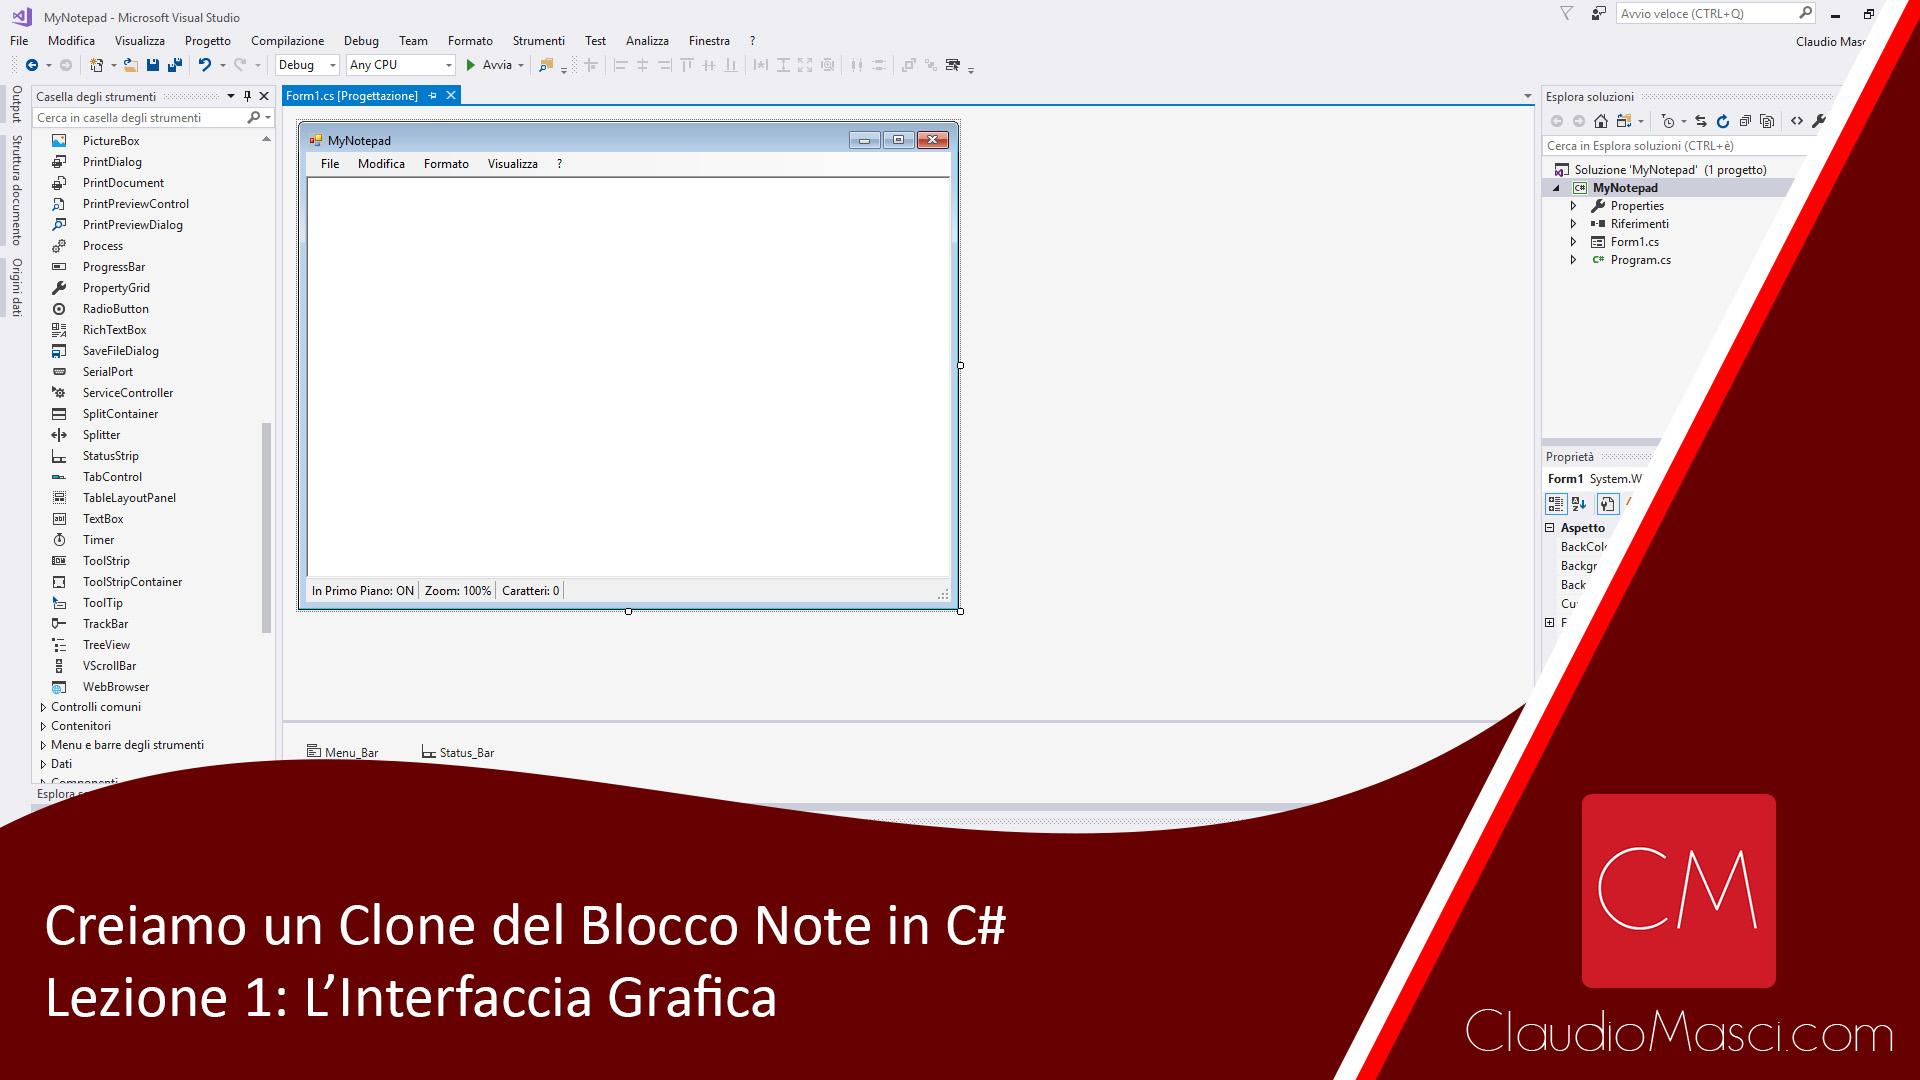 Creiamo un clone del Blocco Note in C# – Lezione 1: Interfaccia Grafica